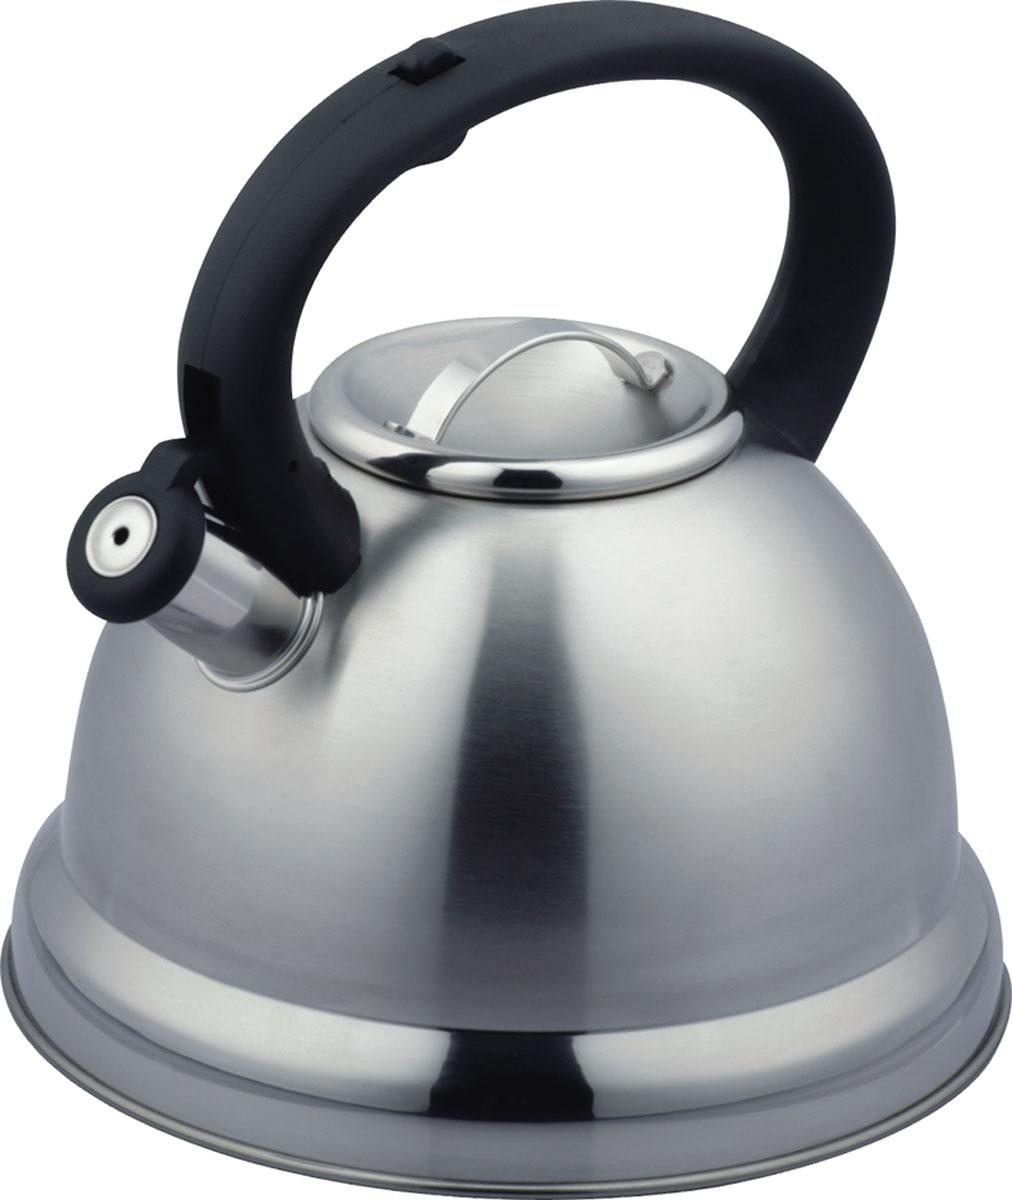 """Чайник Bekker """"De Luxe"""" изготовлен из высококачественной нержавеющей стали 18/10. Поверхность матовая с зеркальной полосой по нижнему краю. Капсулированное дно распределяет тепло по всей поверхности, что позволяет чайнику быстро закипать. Эргономичная фиксированная рукоятка выполнена из бакелита черного цвета. Носик оснащен откидным свистком, который подскажет, когда вода закипела. Свисток открывается и закрывается нажатием кнопки на рукоятке. Оригинальный дизайн эффектно оформит интерьер кухни.Подходит для всех типов плит, включая индукционные. Можно мыть в посудомоечной машине."""